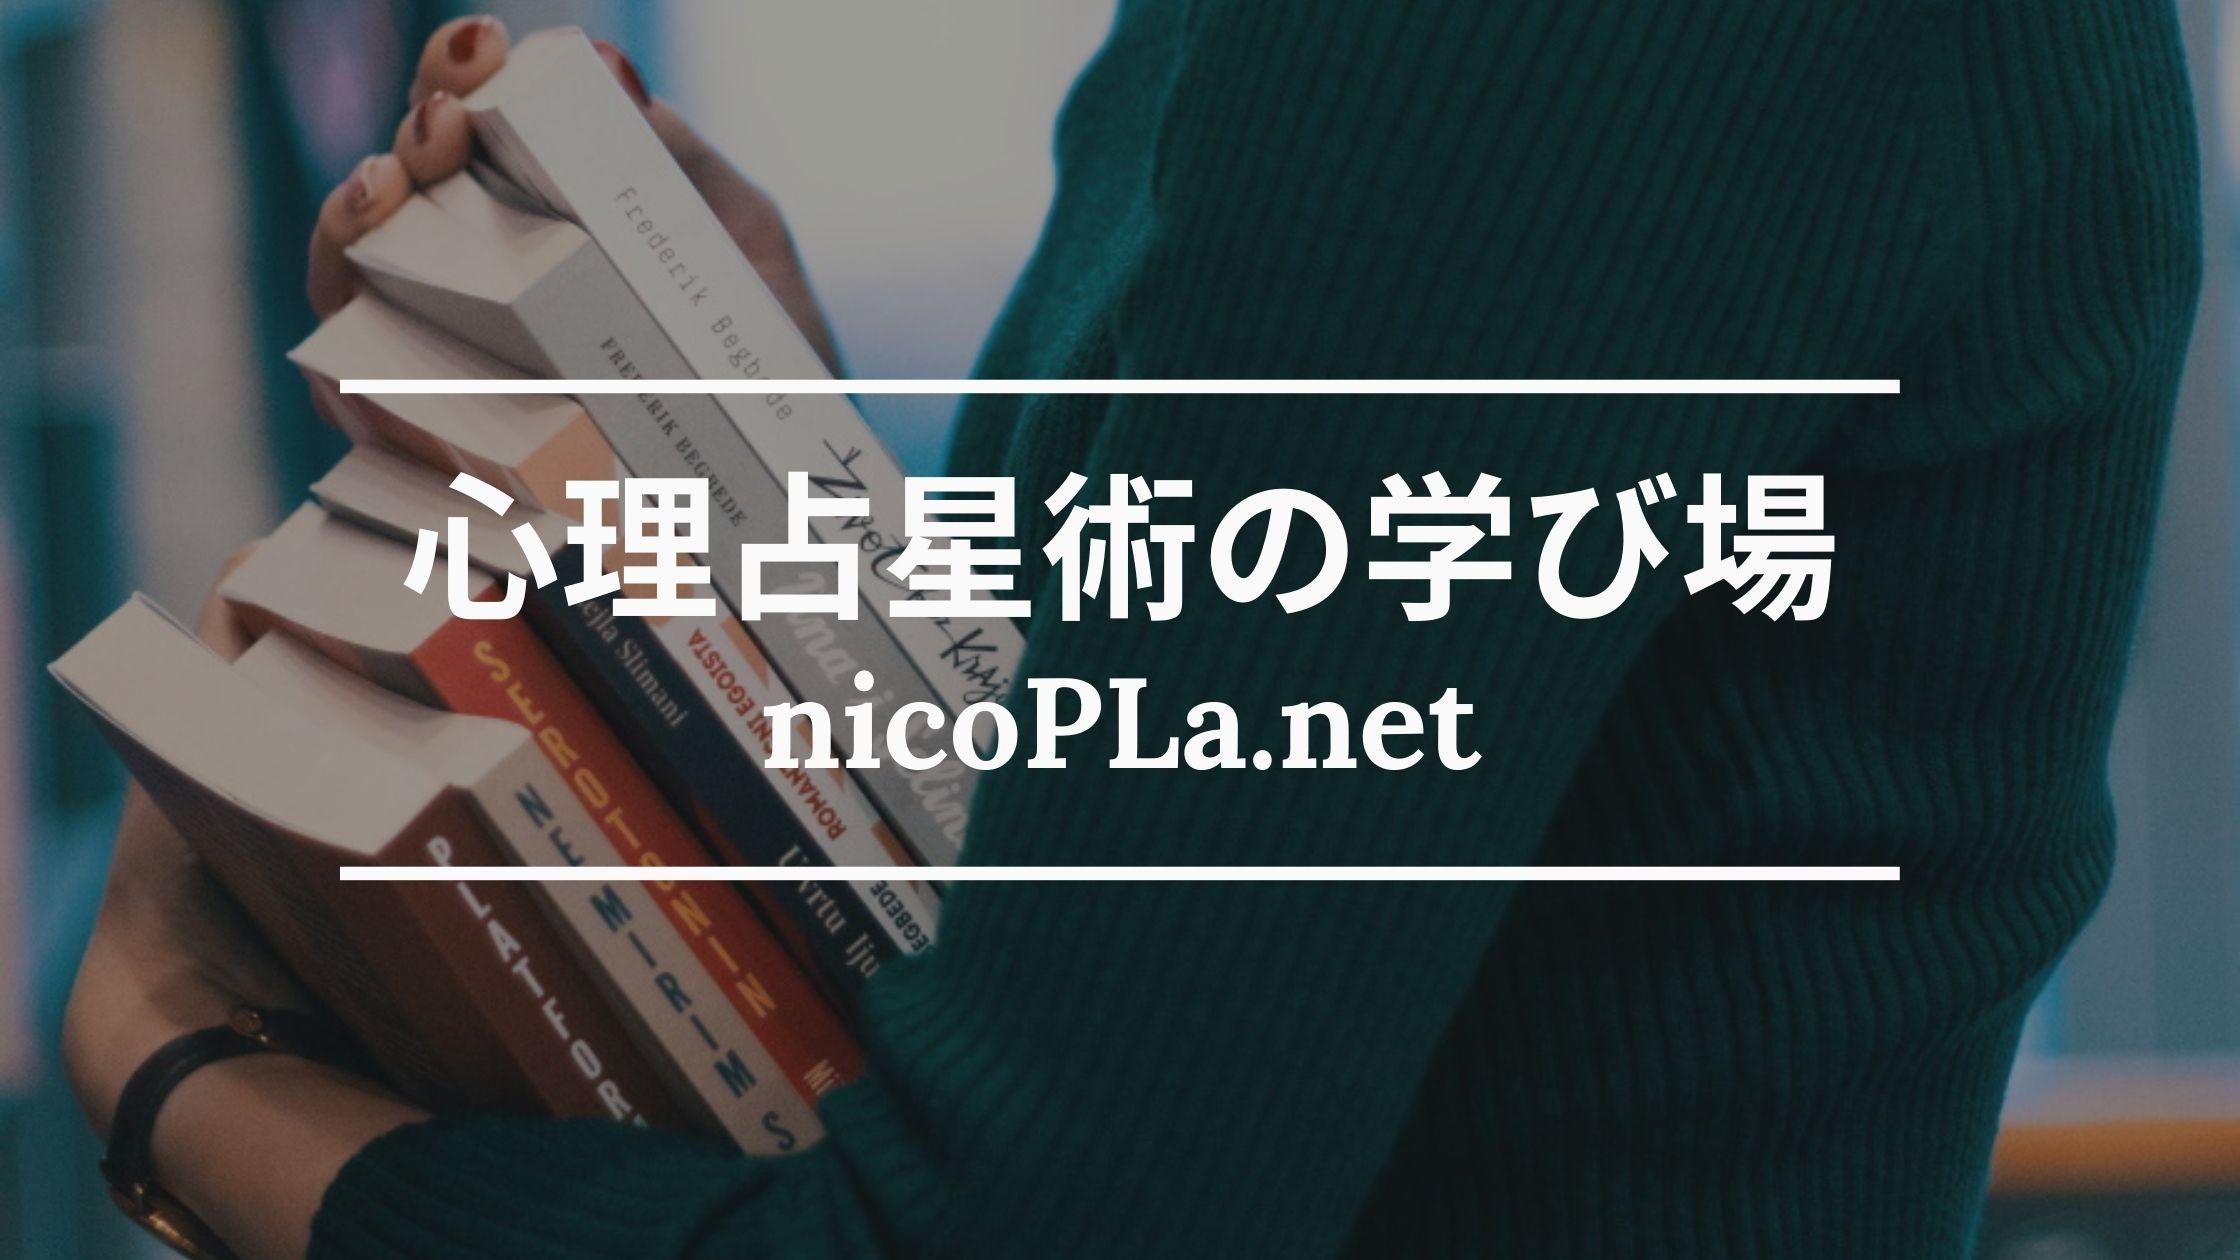 心理占星術の学び場サイト-nicoPLa.net